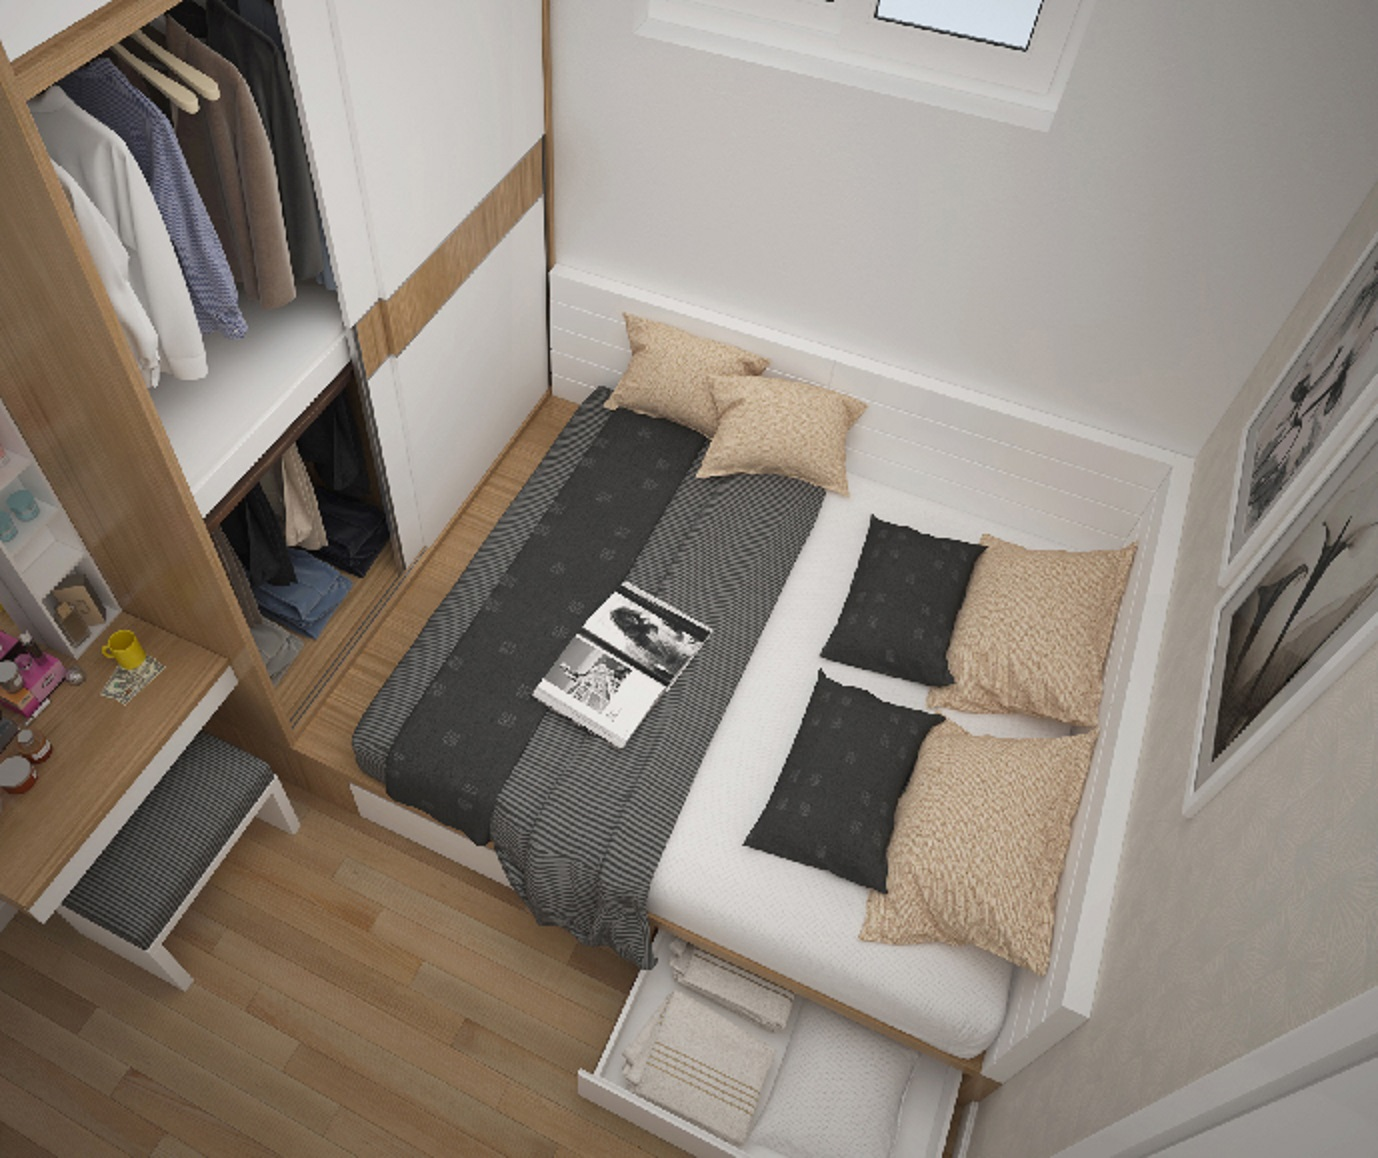 Thiết kế nội thất chung cư time city anh Hưng 2304